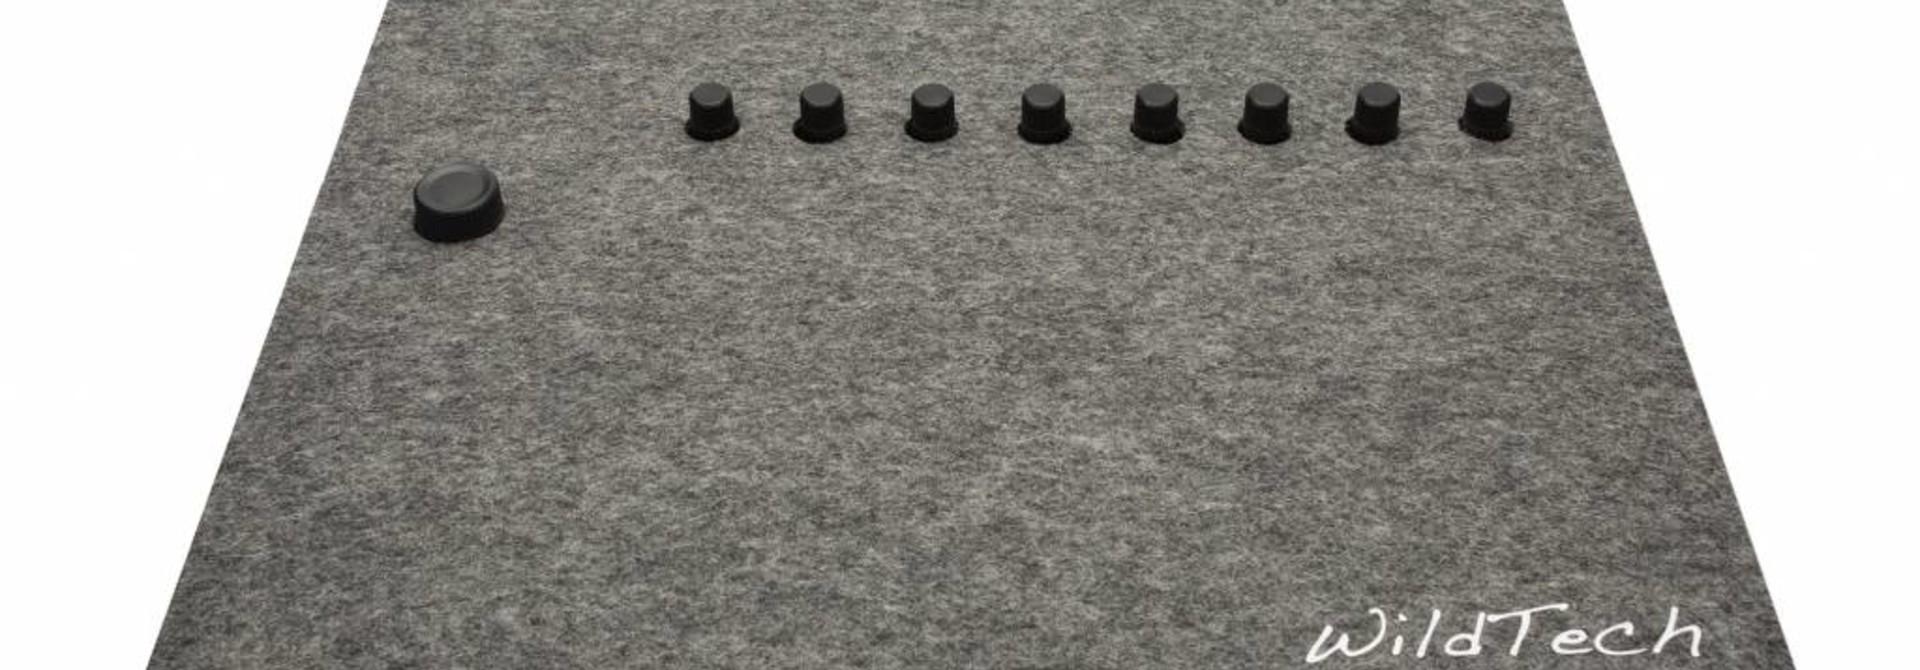 Maschine DeckCover Grau